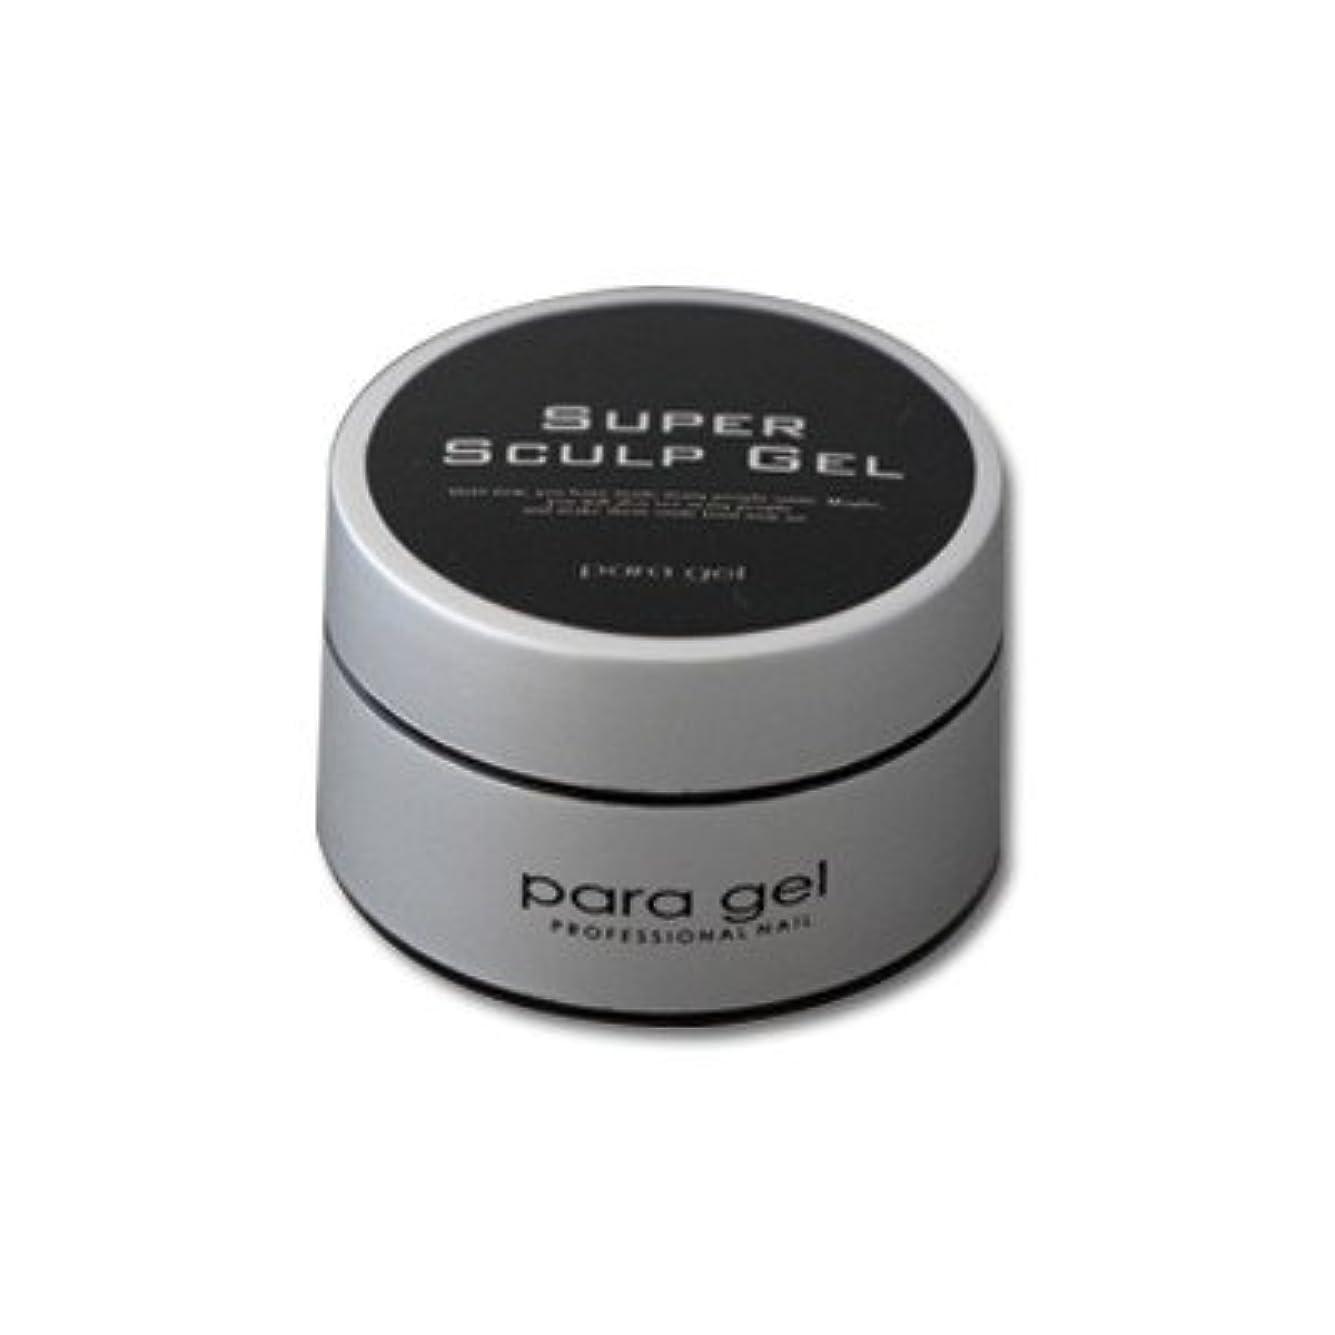 所持転用ベリーpara gel(パラジェル) スーパースカルプジェル 10g